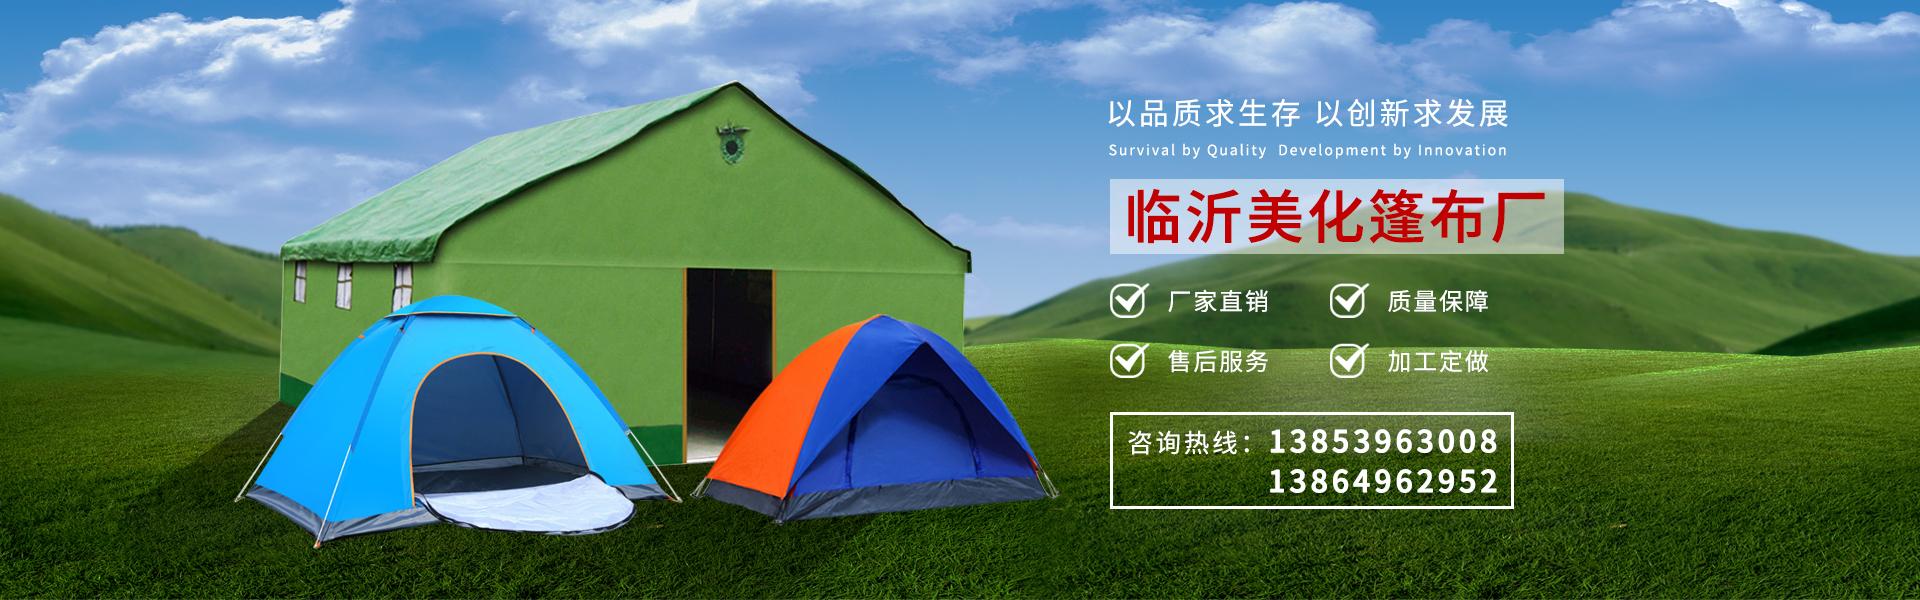 篷布,临沂防水篷布,临沂防雨篷布,临沂篷布厂